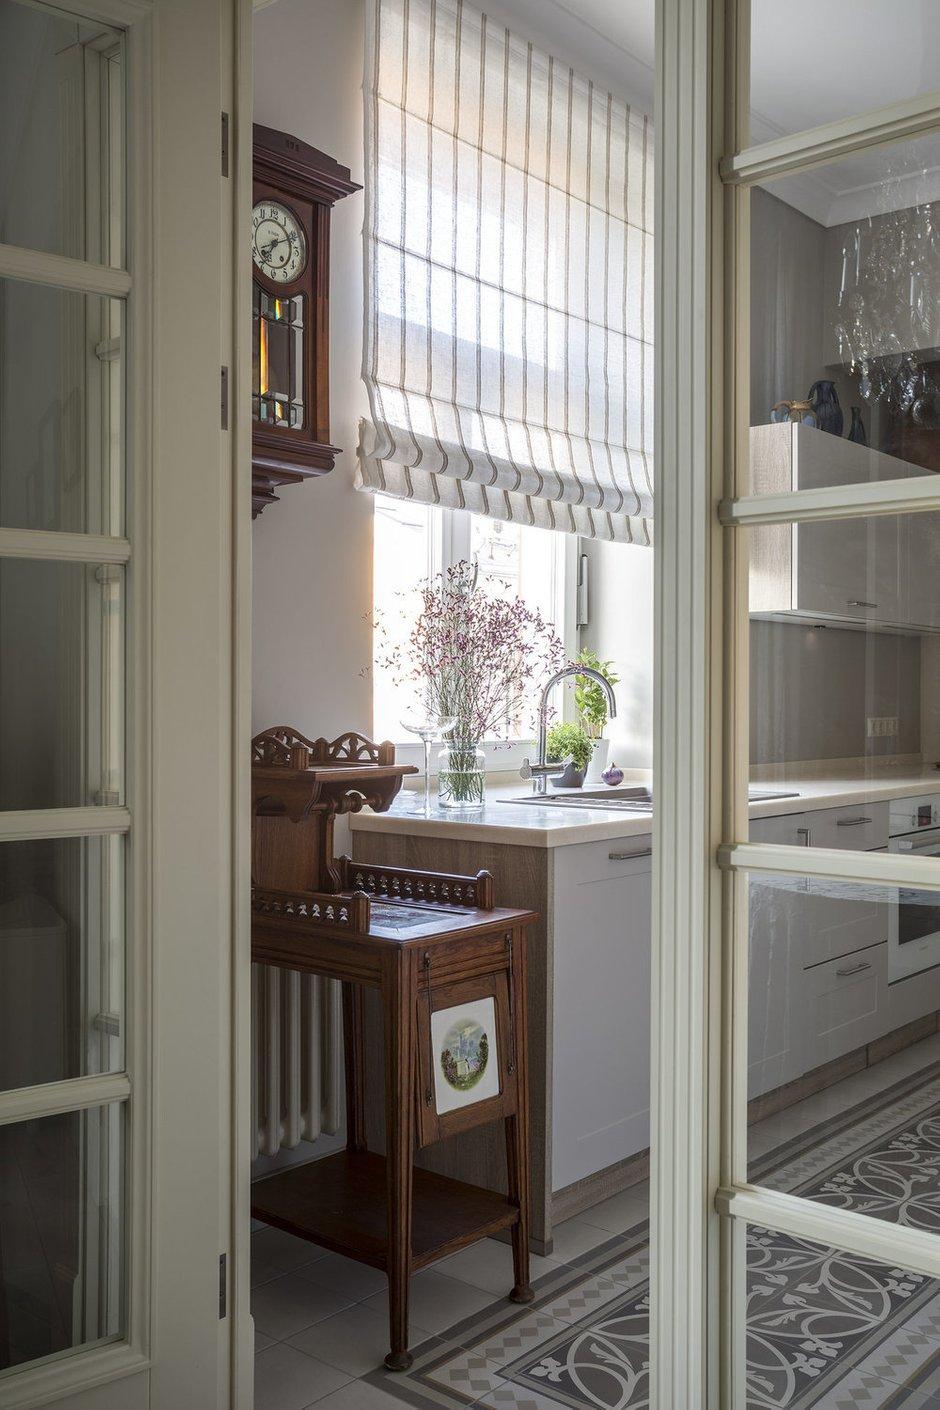 Фотография: Кухня и столовая в стиле Эклектика, Декор интерьера, Советы, Есения Семипядная – фото на INMYROOM